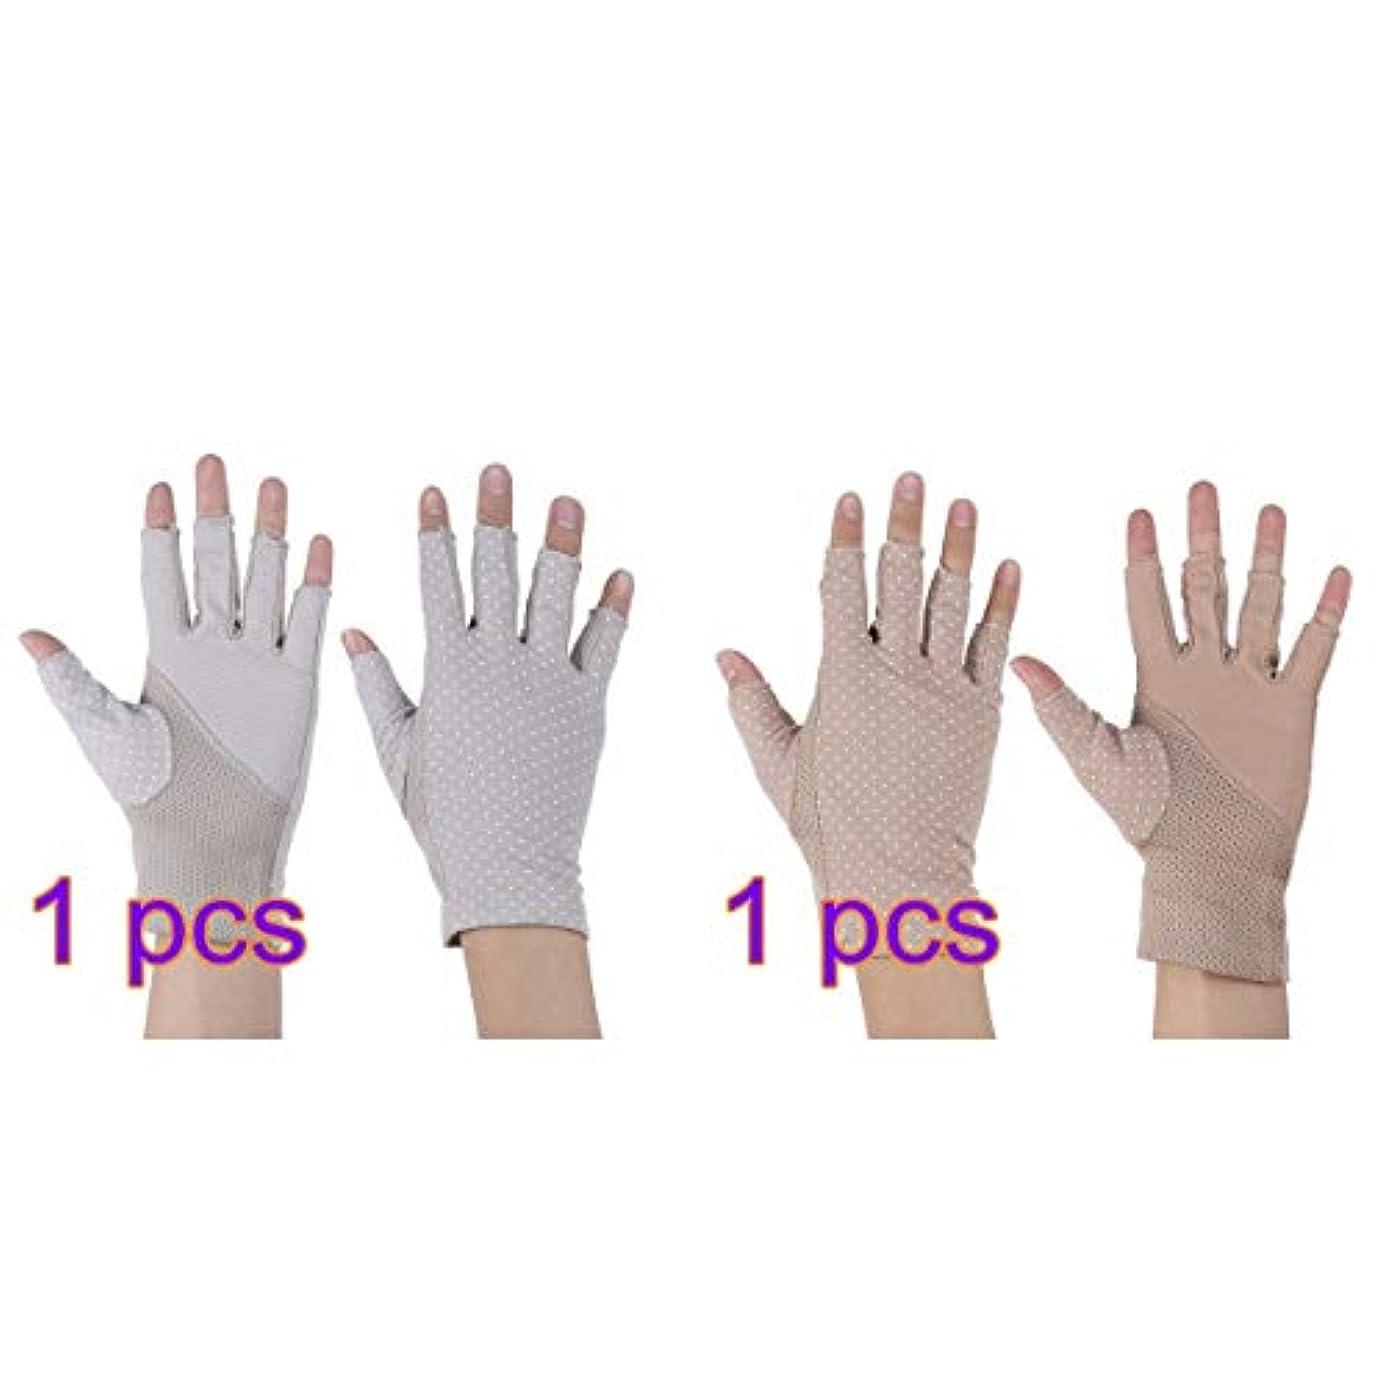 地下室飛行機アルプスHealifty Sunblockハーフフィンガーグローブ軽量FingerlessグローブSun Protectionドライビンググローブ女性用夏の手袋2ペア